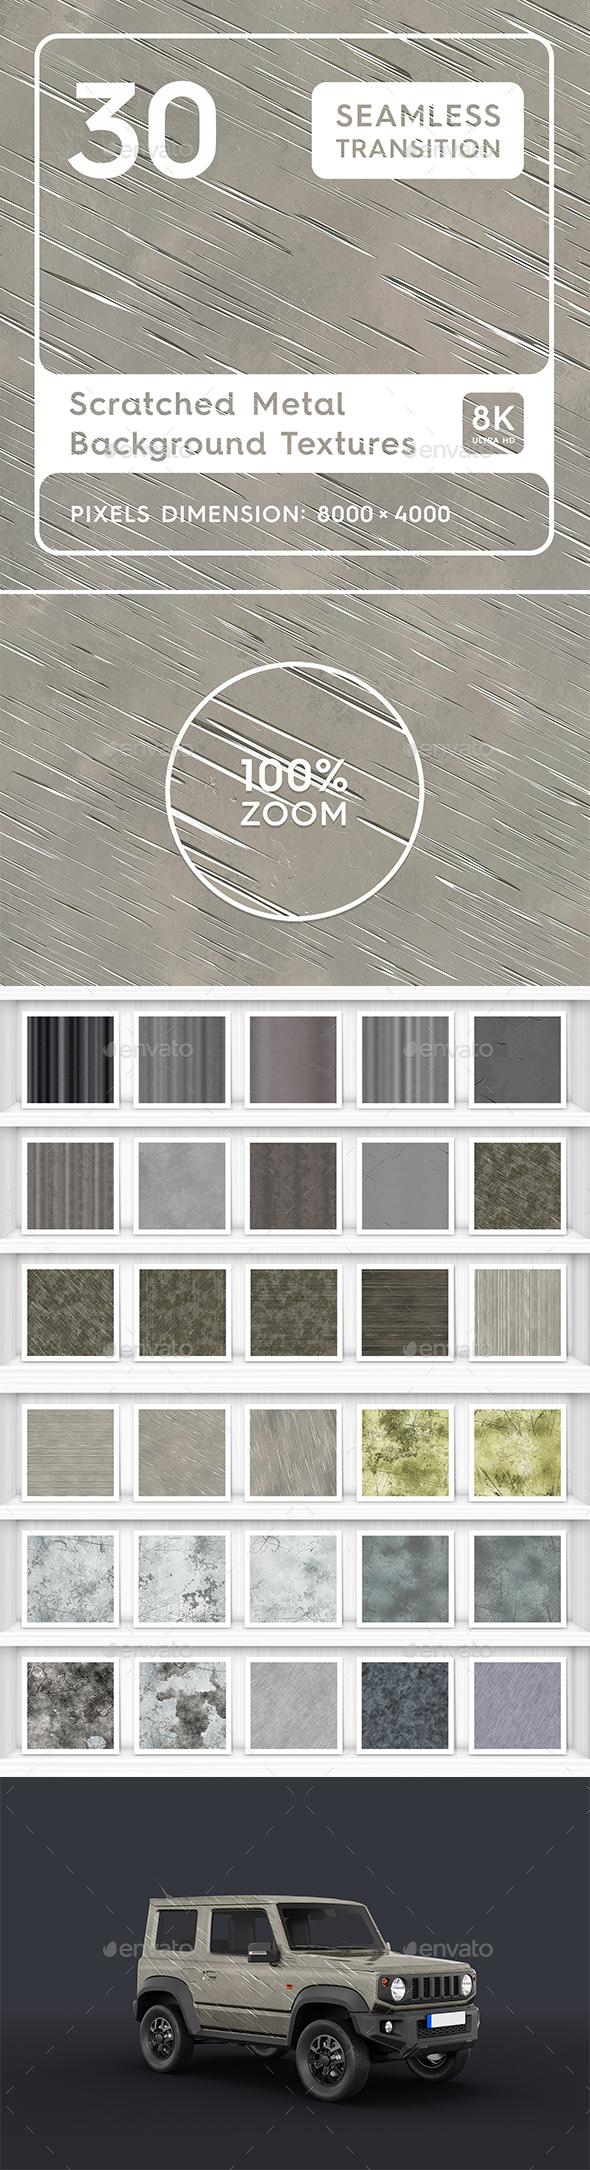 30 Scratched Metal Background Textures